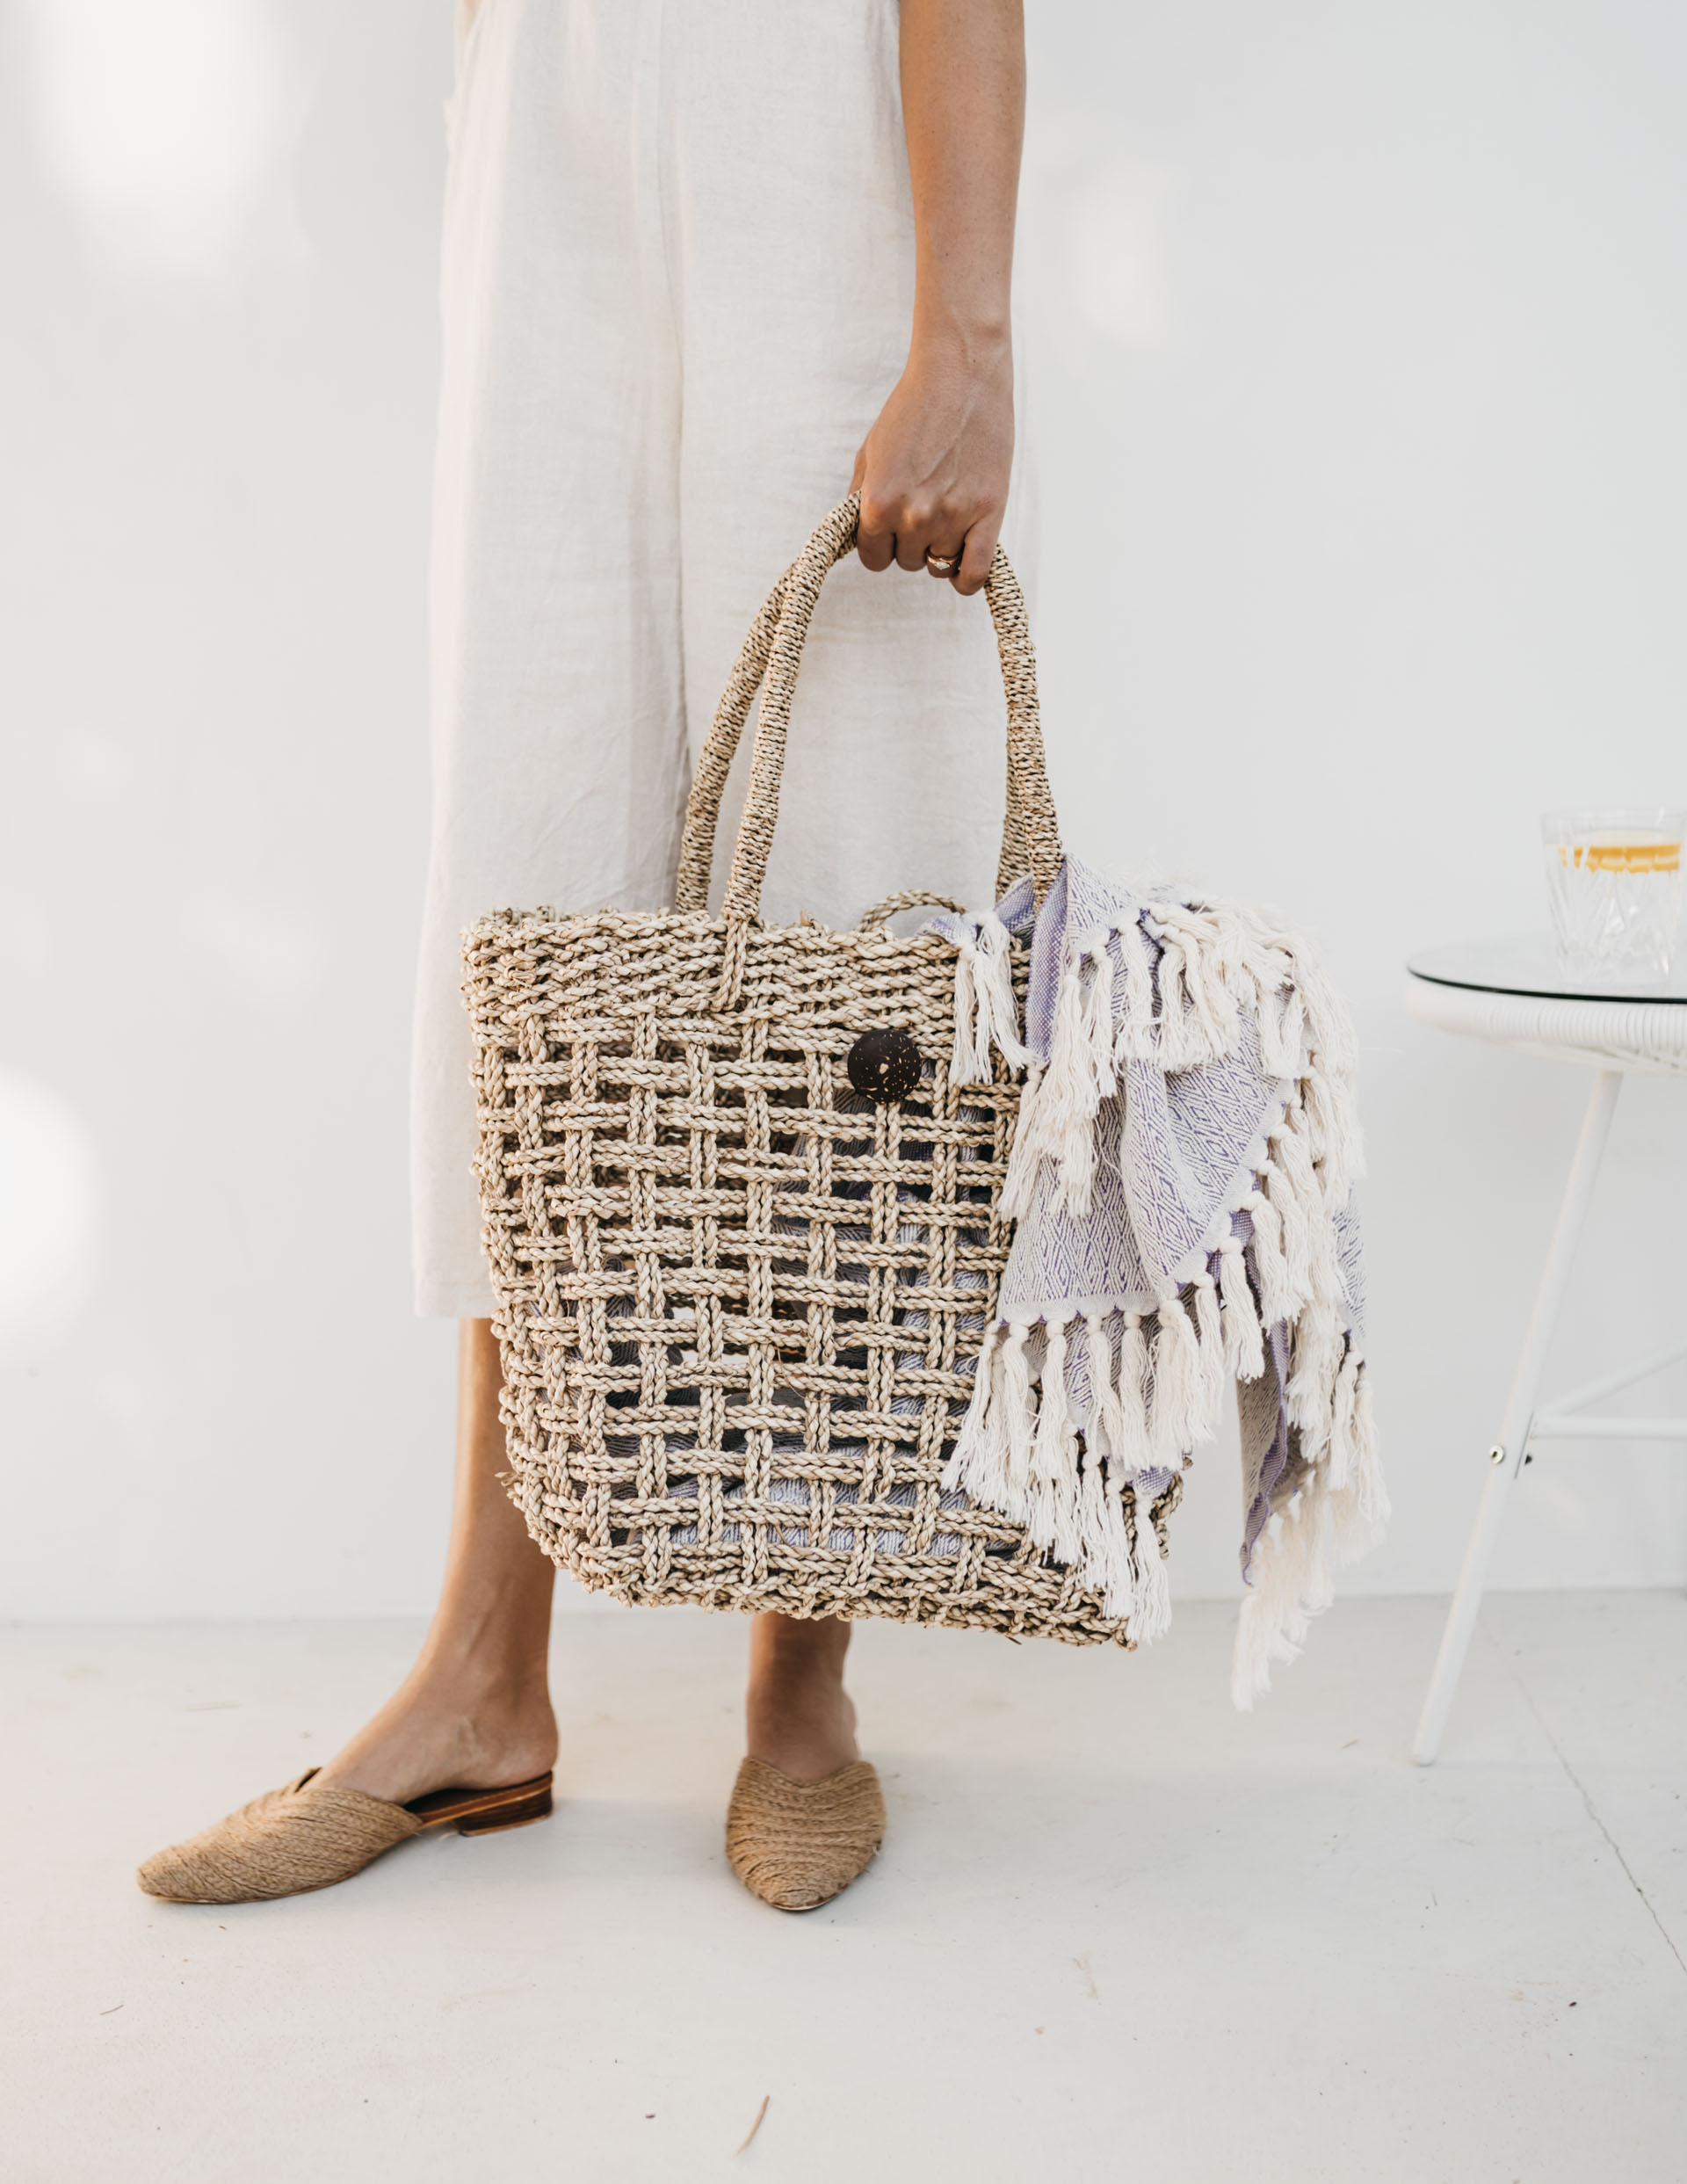 keira-mason-aegean-loom-turkish-towels-purple-handbag.jpg